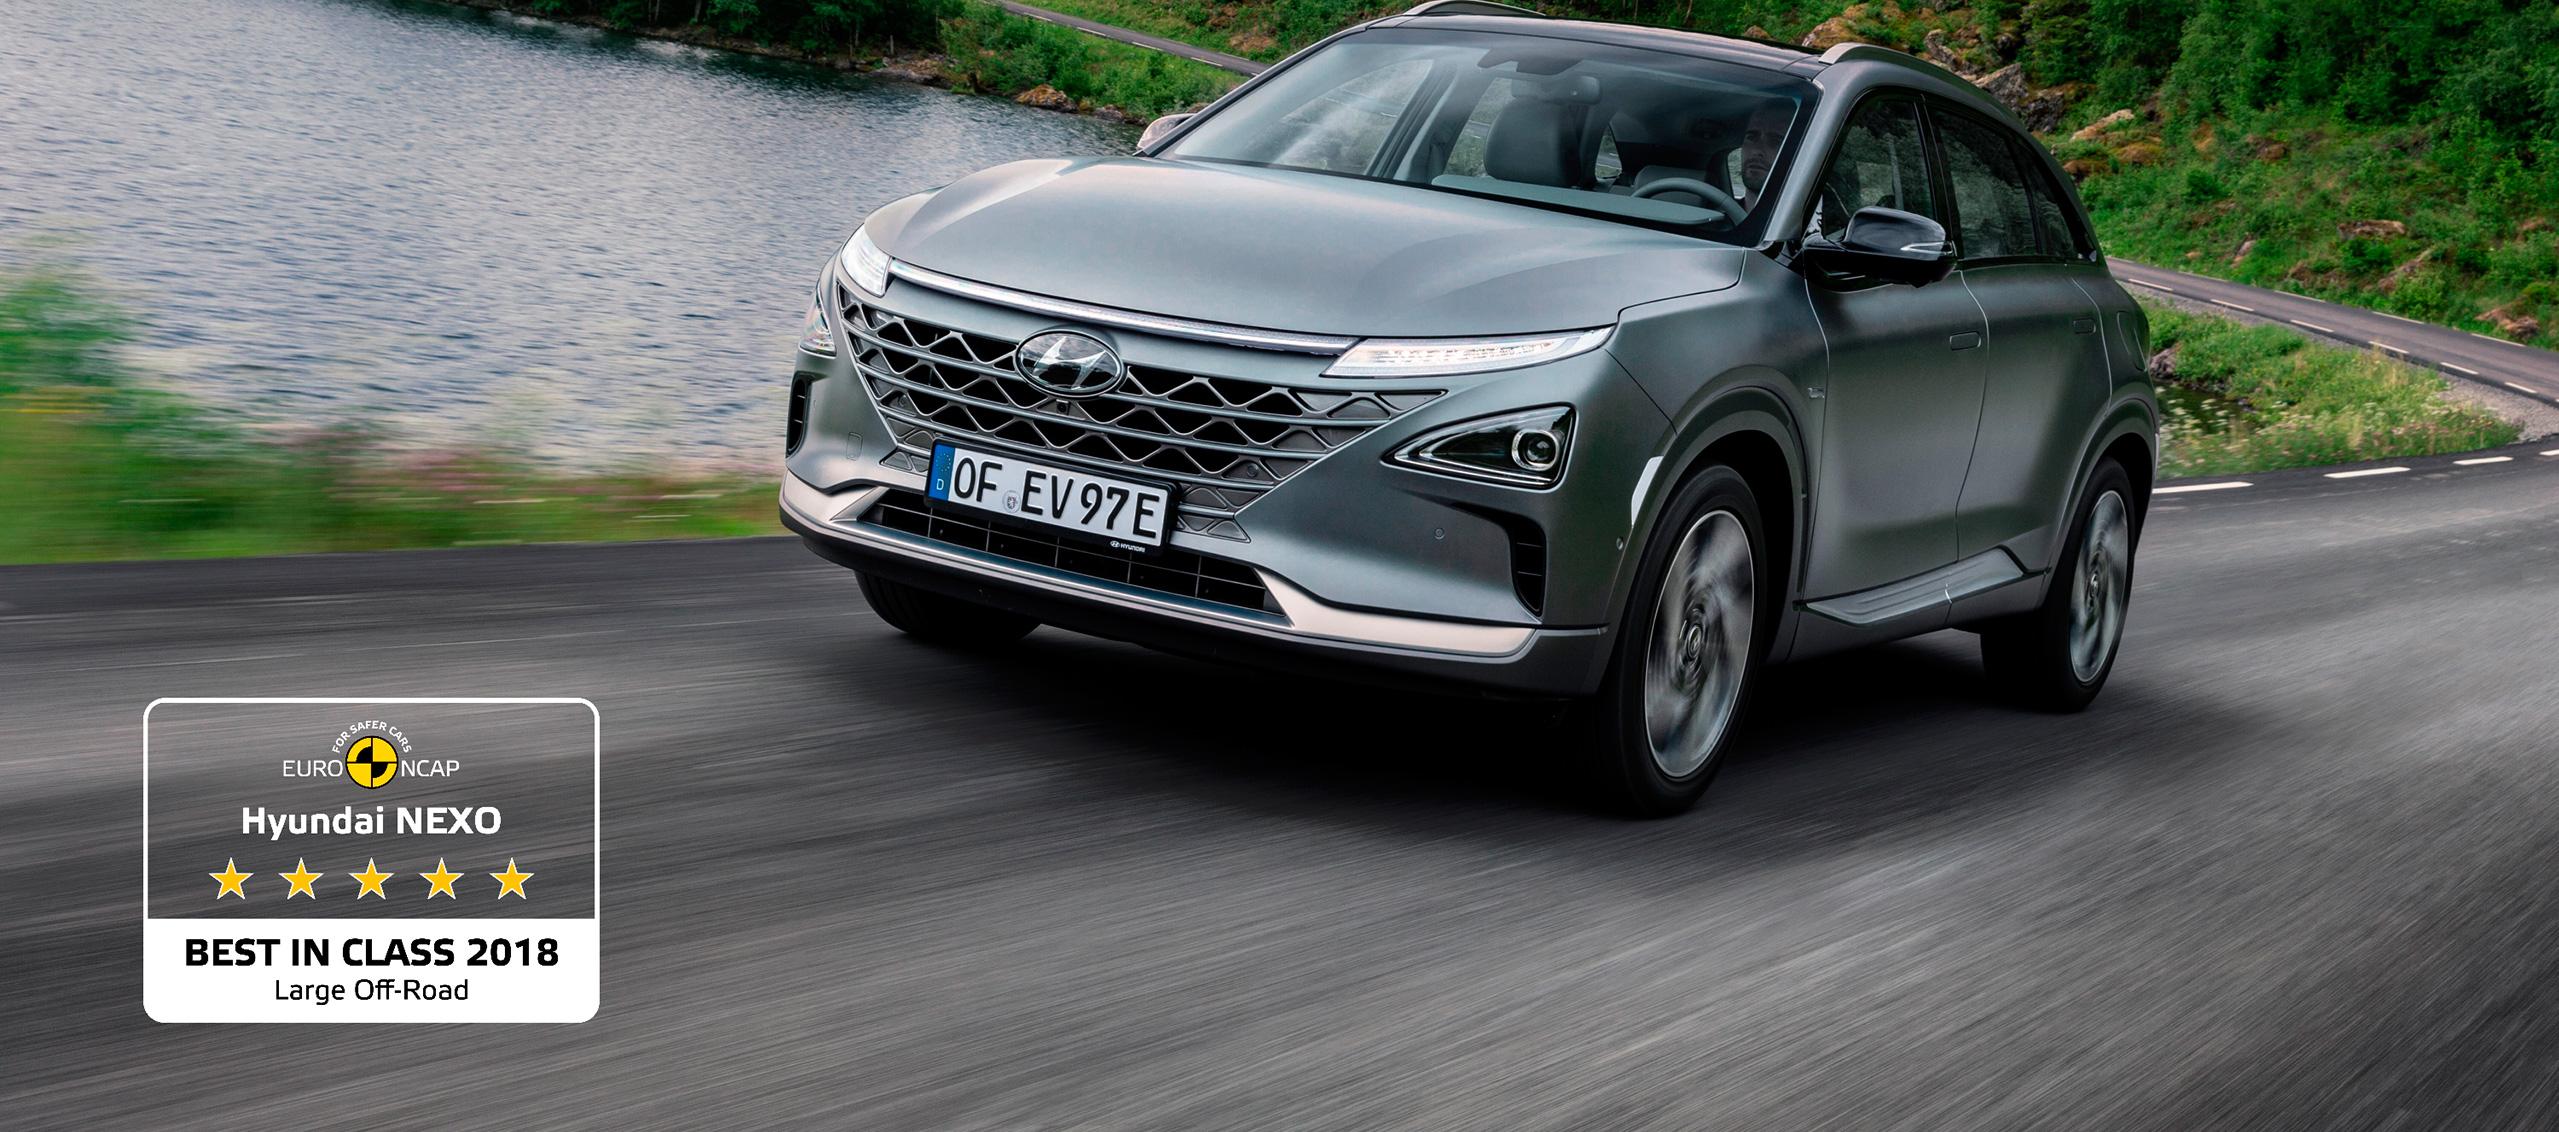 Hyundai NEXO galardonado como el Mejor de su categoría en EuroNCAP